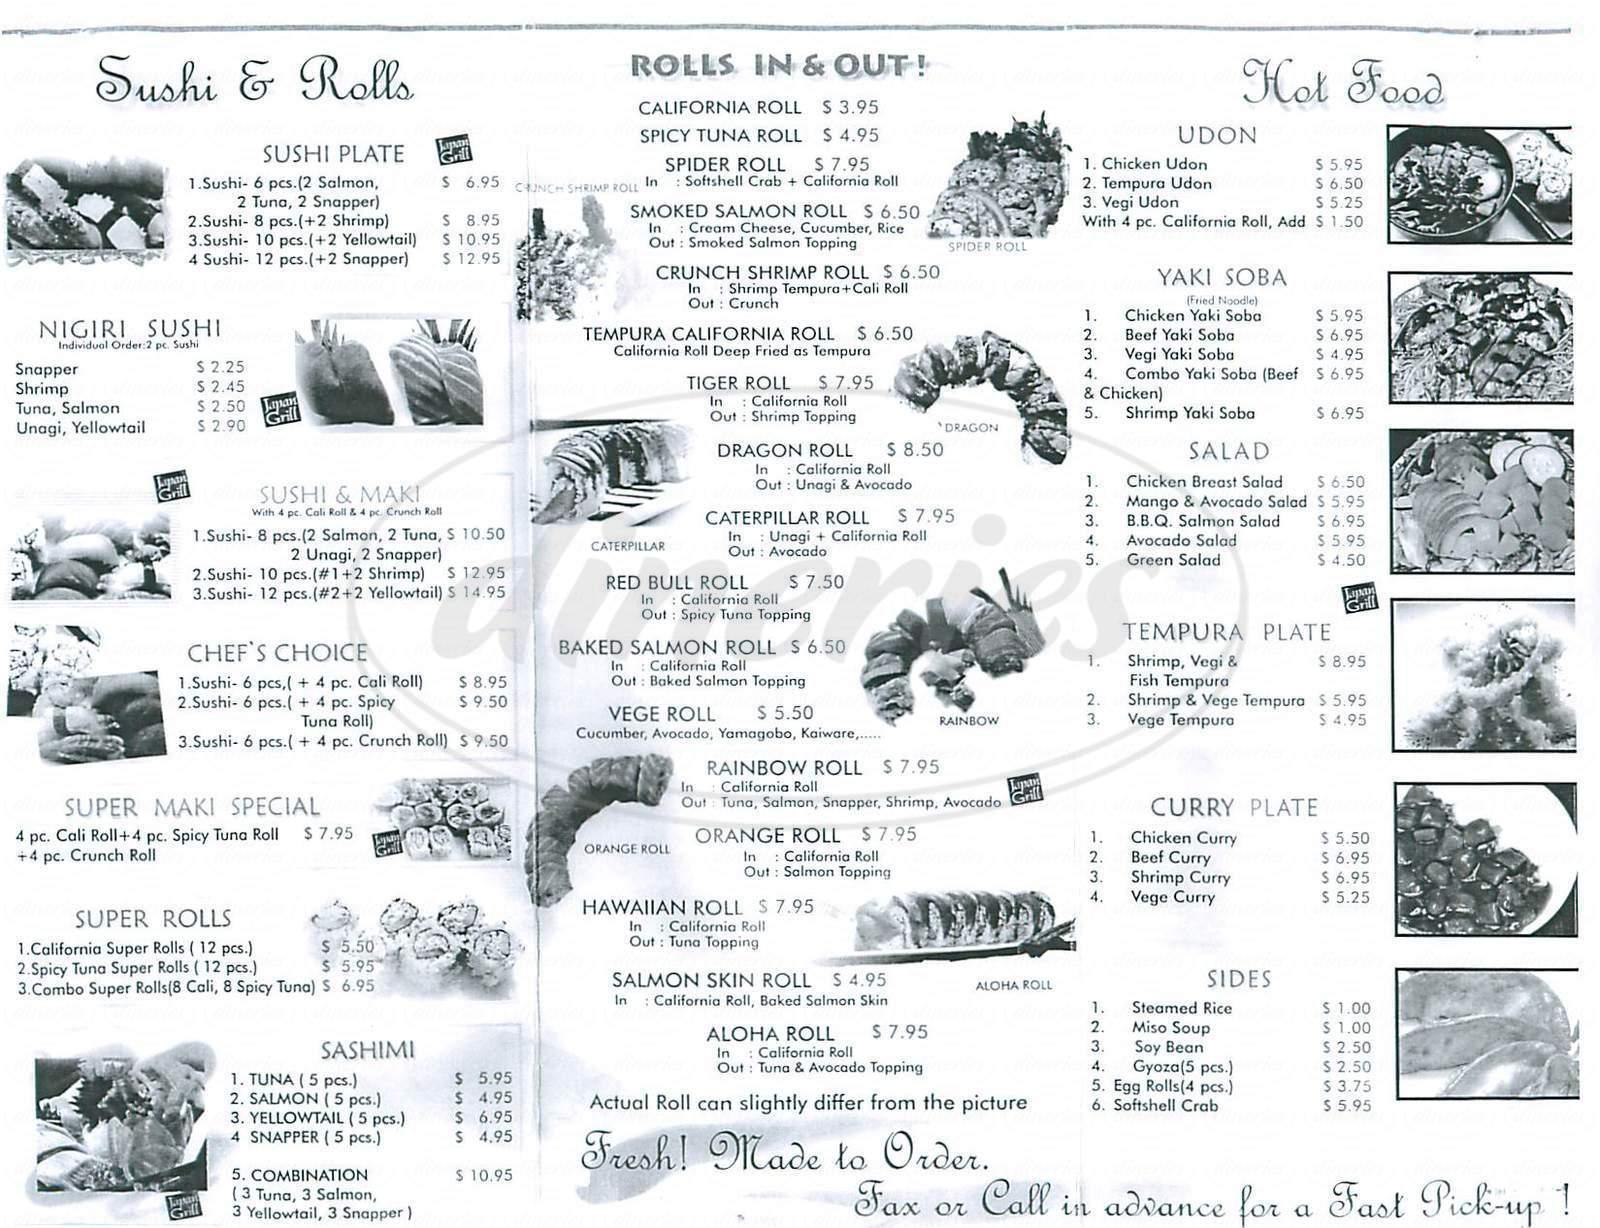 menu for Japan Grill